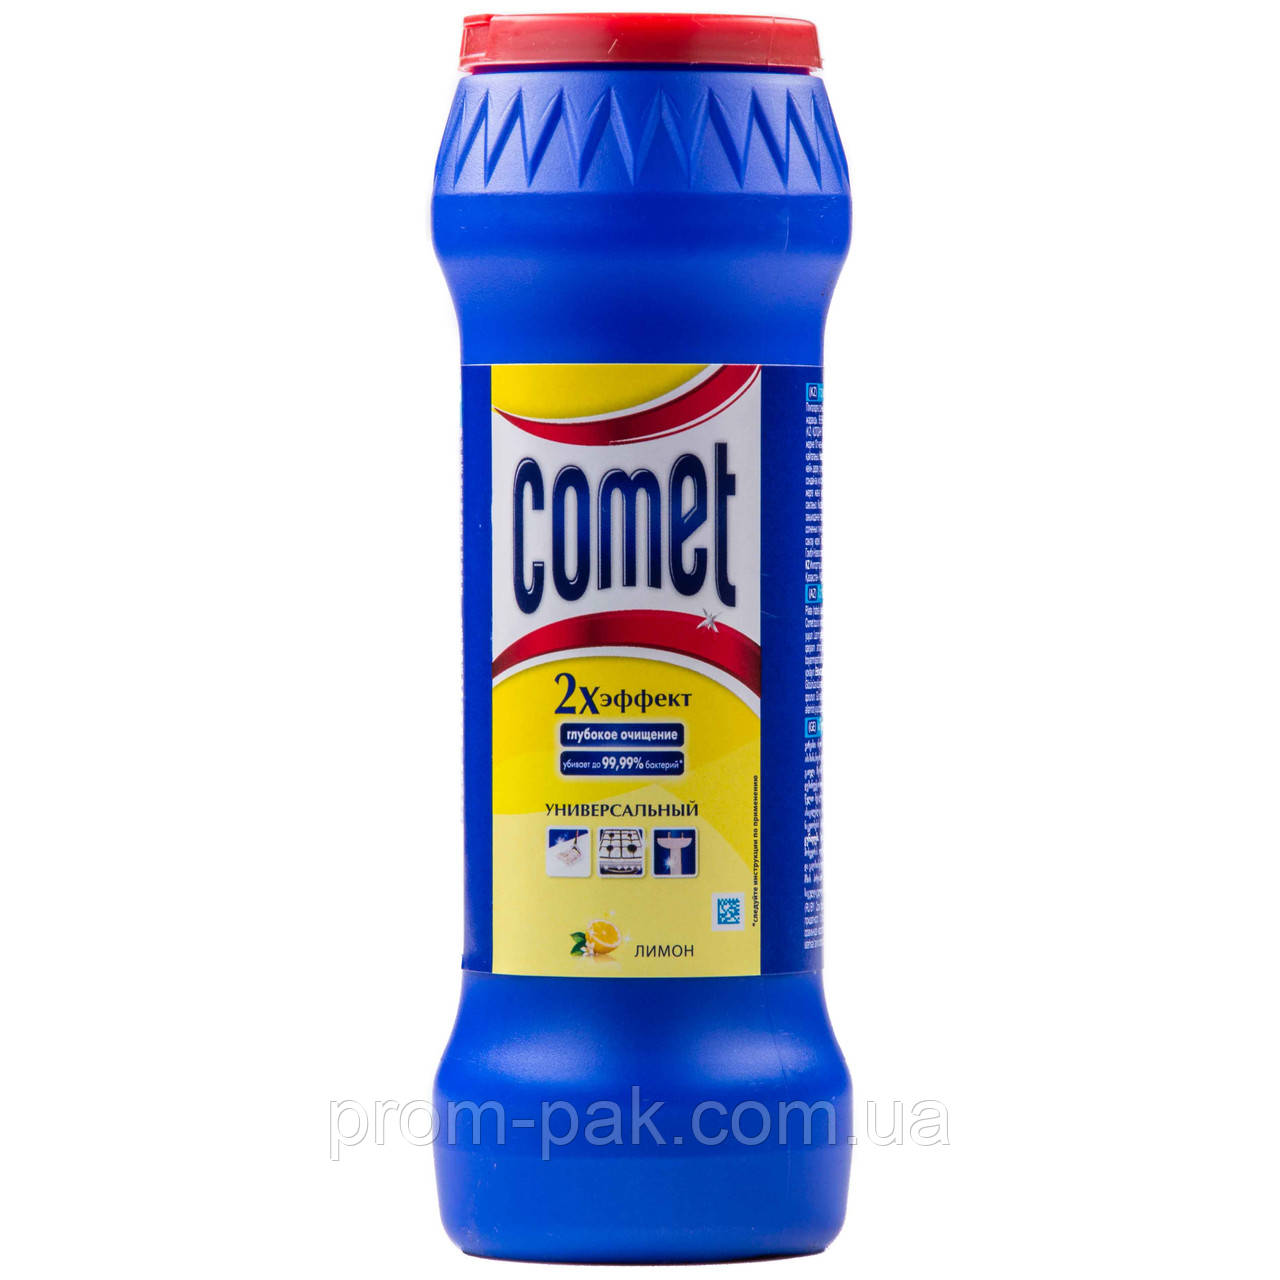 Чистящий порошок Comet Универсальный 500 мл лимон с хлорином